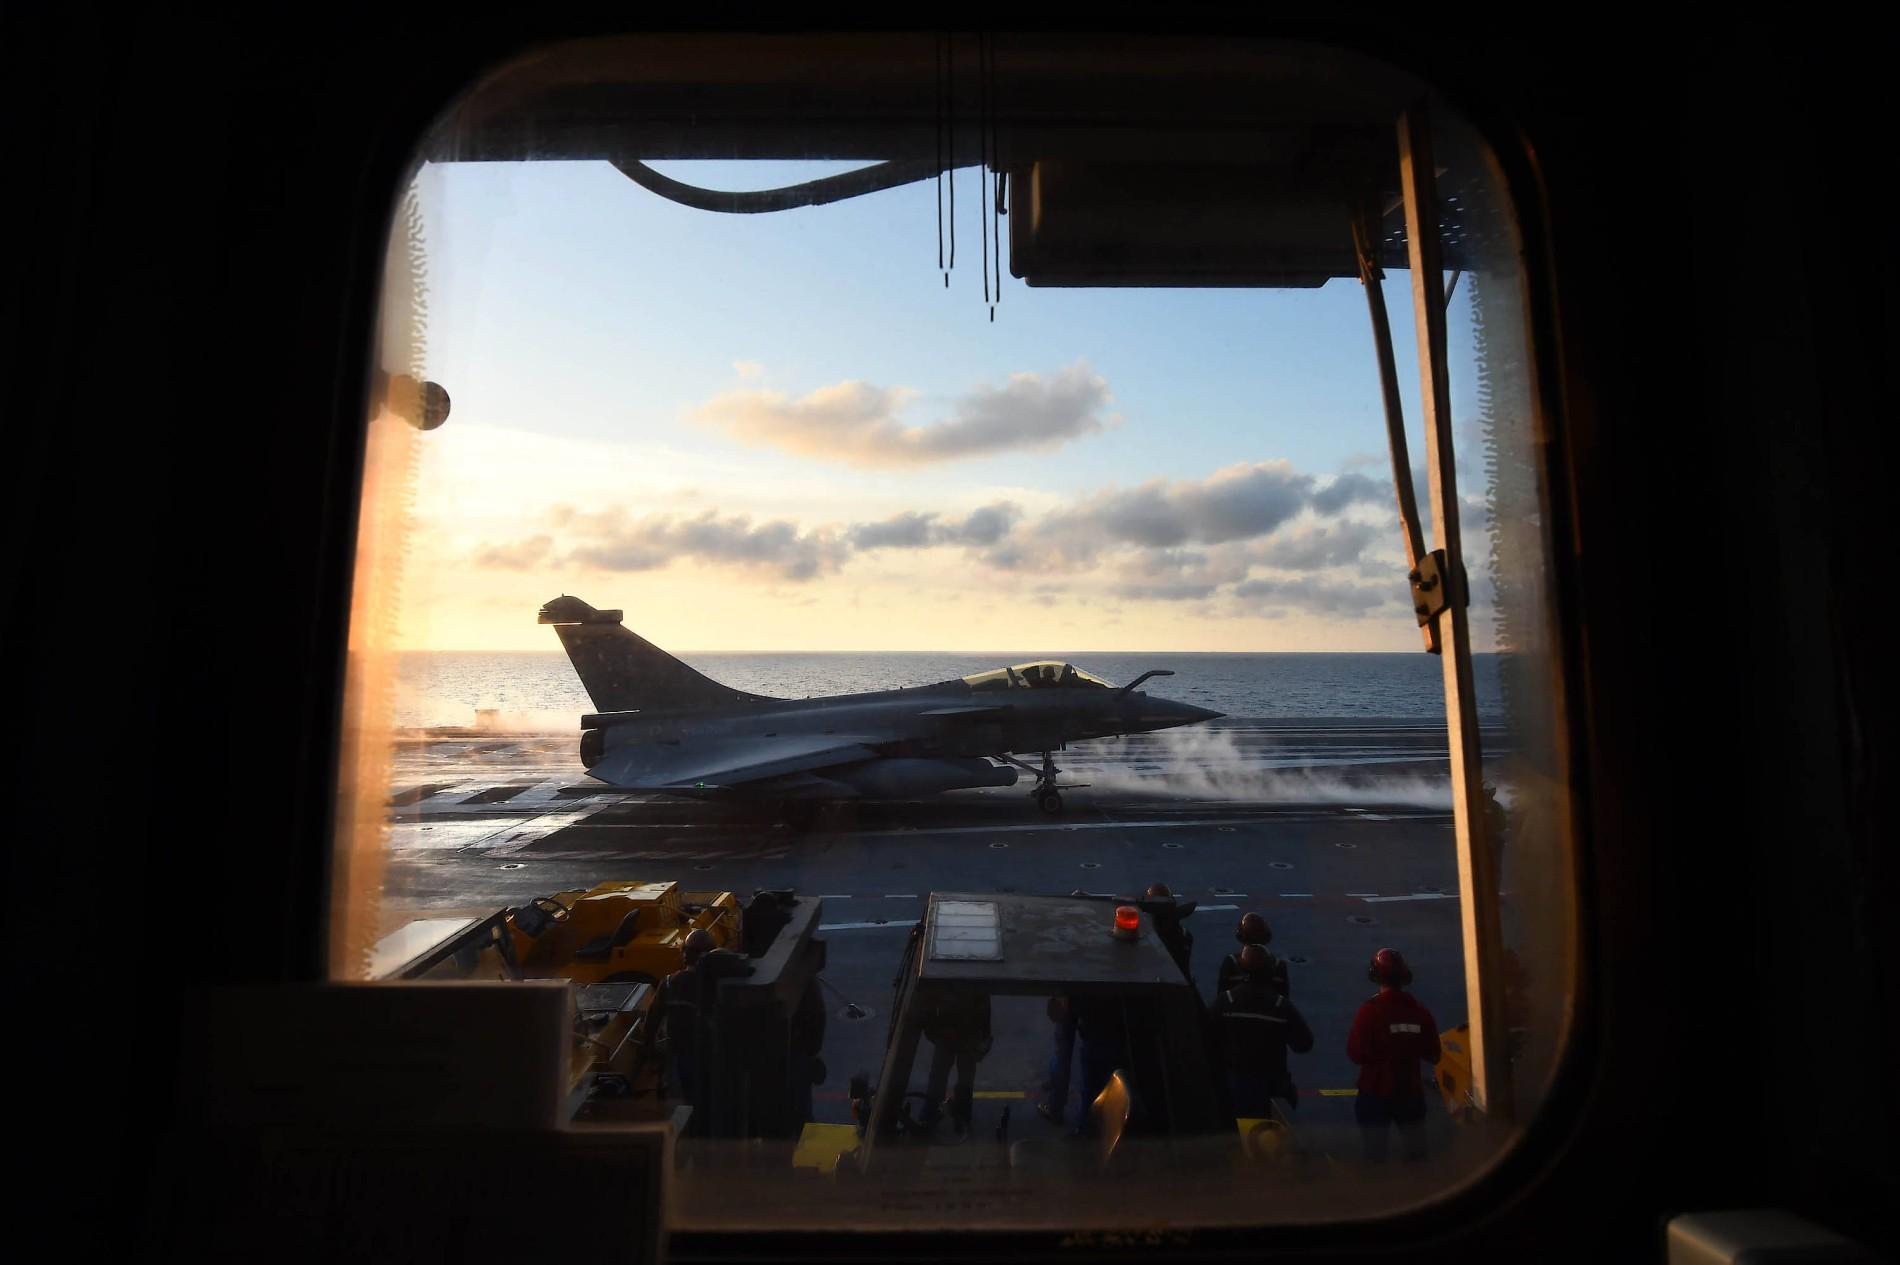 Nur noch Rafale: Seit Frankreich die veralteten Super-Etendard ausgemustert hat, ist das von Dassault produzierte Kampfjet vorherrschend auf dem Flugzeugträger – bis der neue deutsch-französische Fighter kommt.